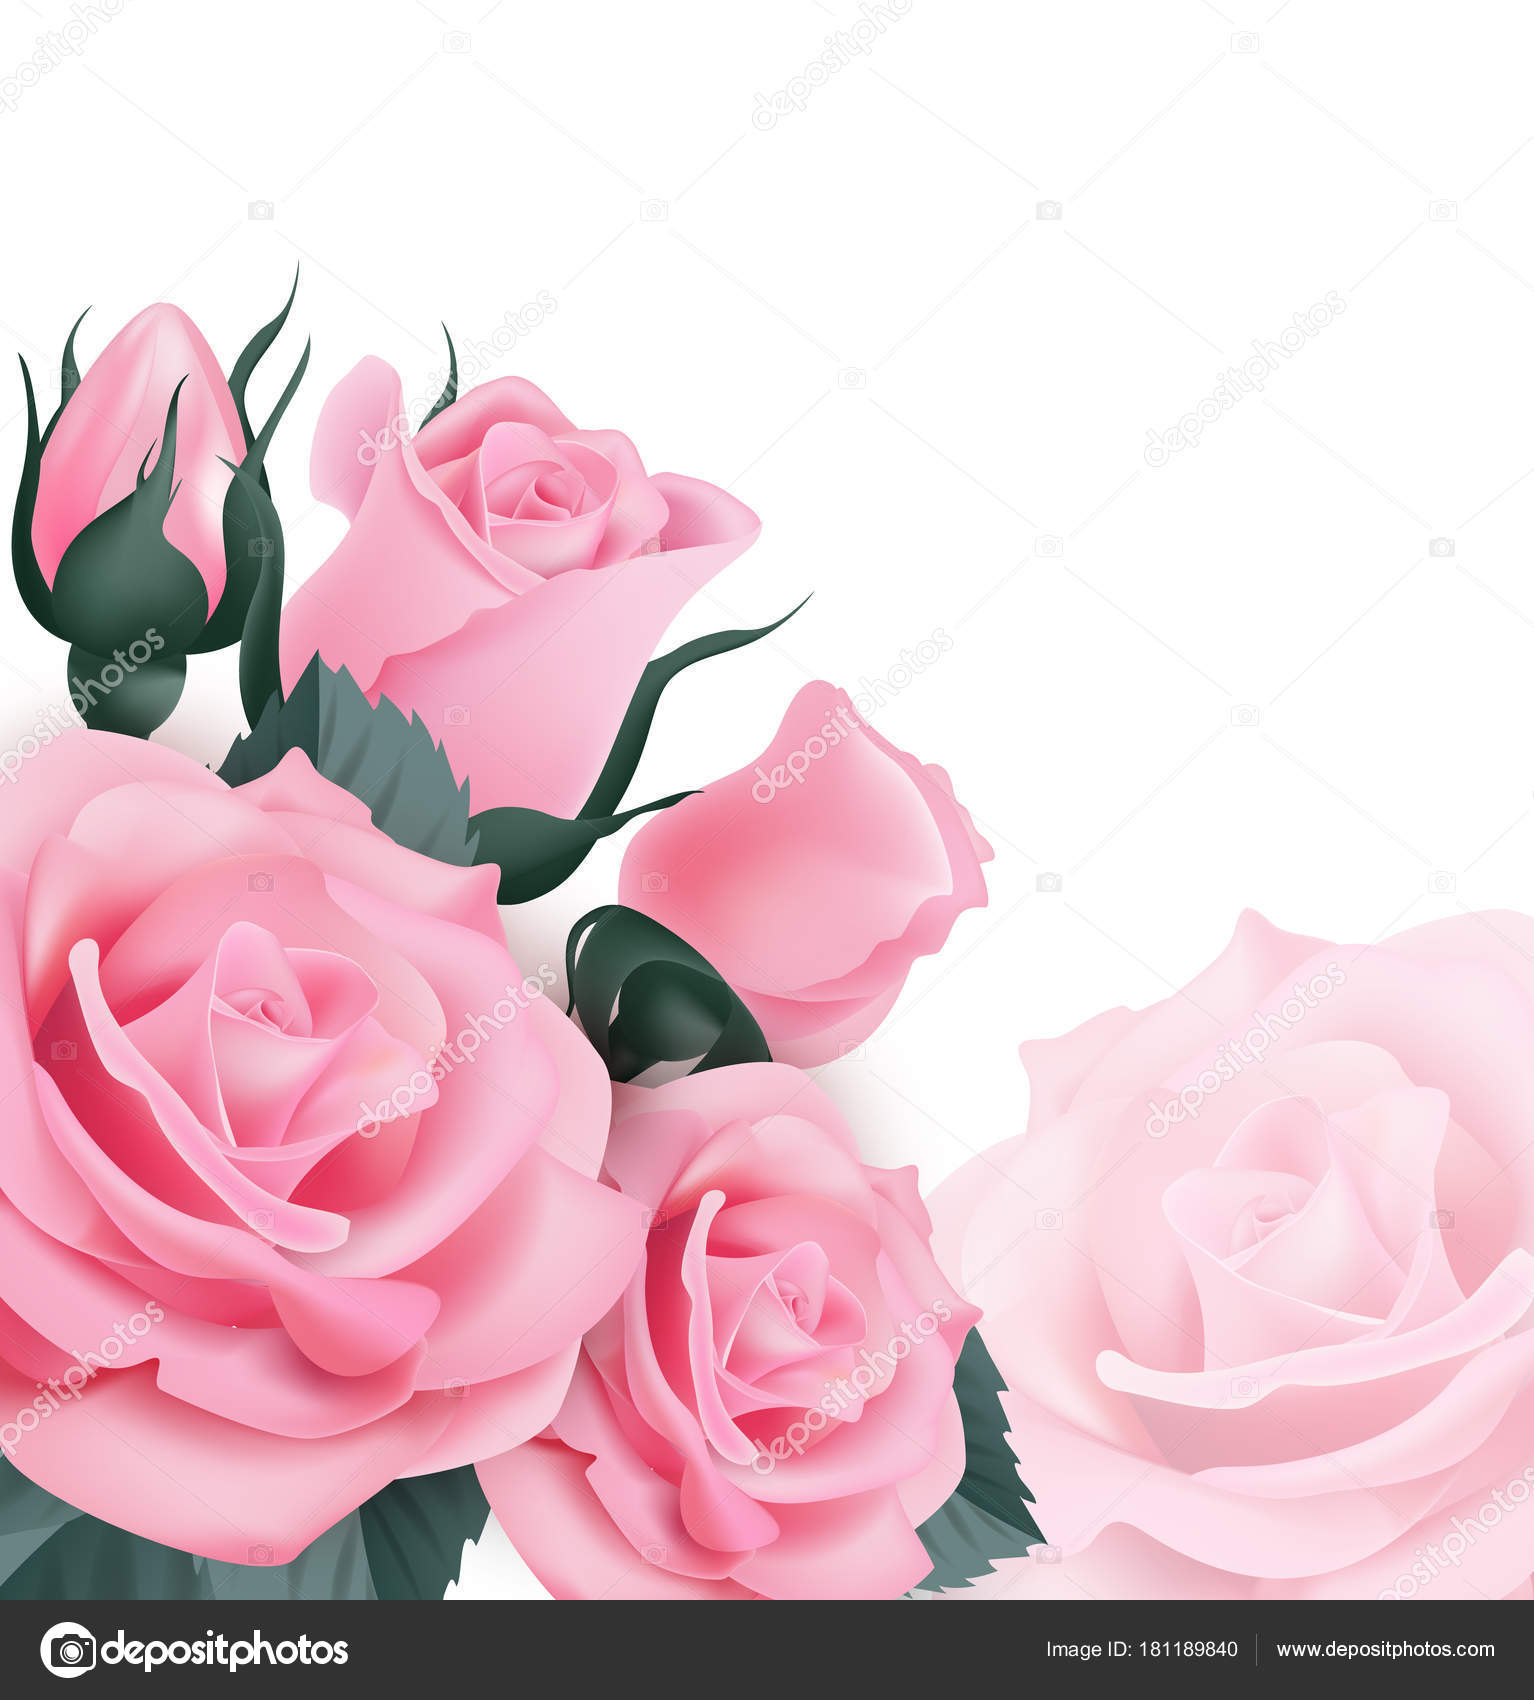 Inteligentny Różowe róże. Piękne kartki z życzeniami z bukietem róż na białe CQ69